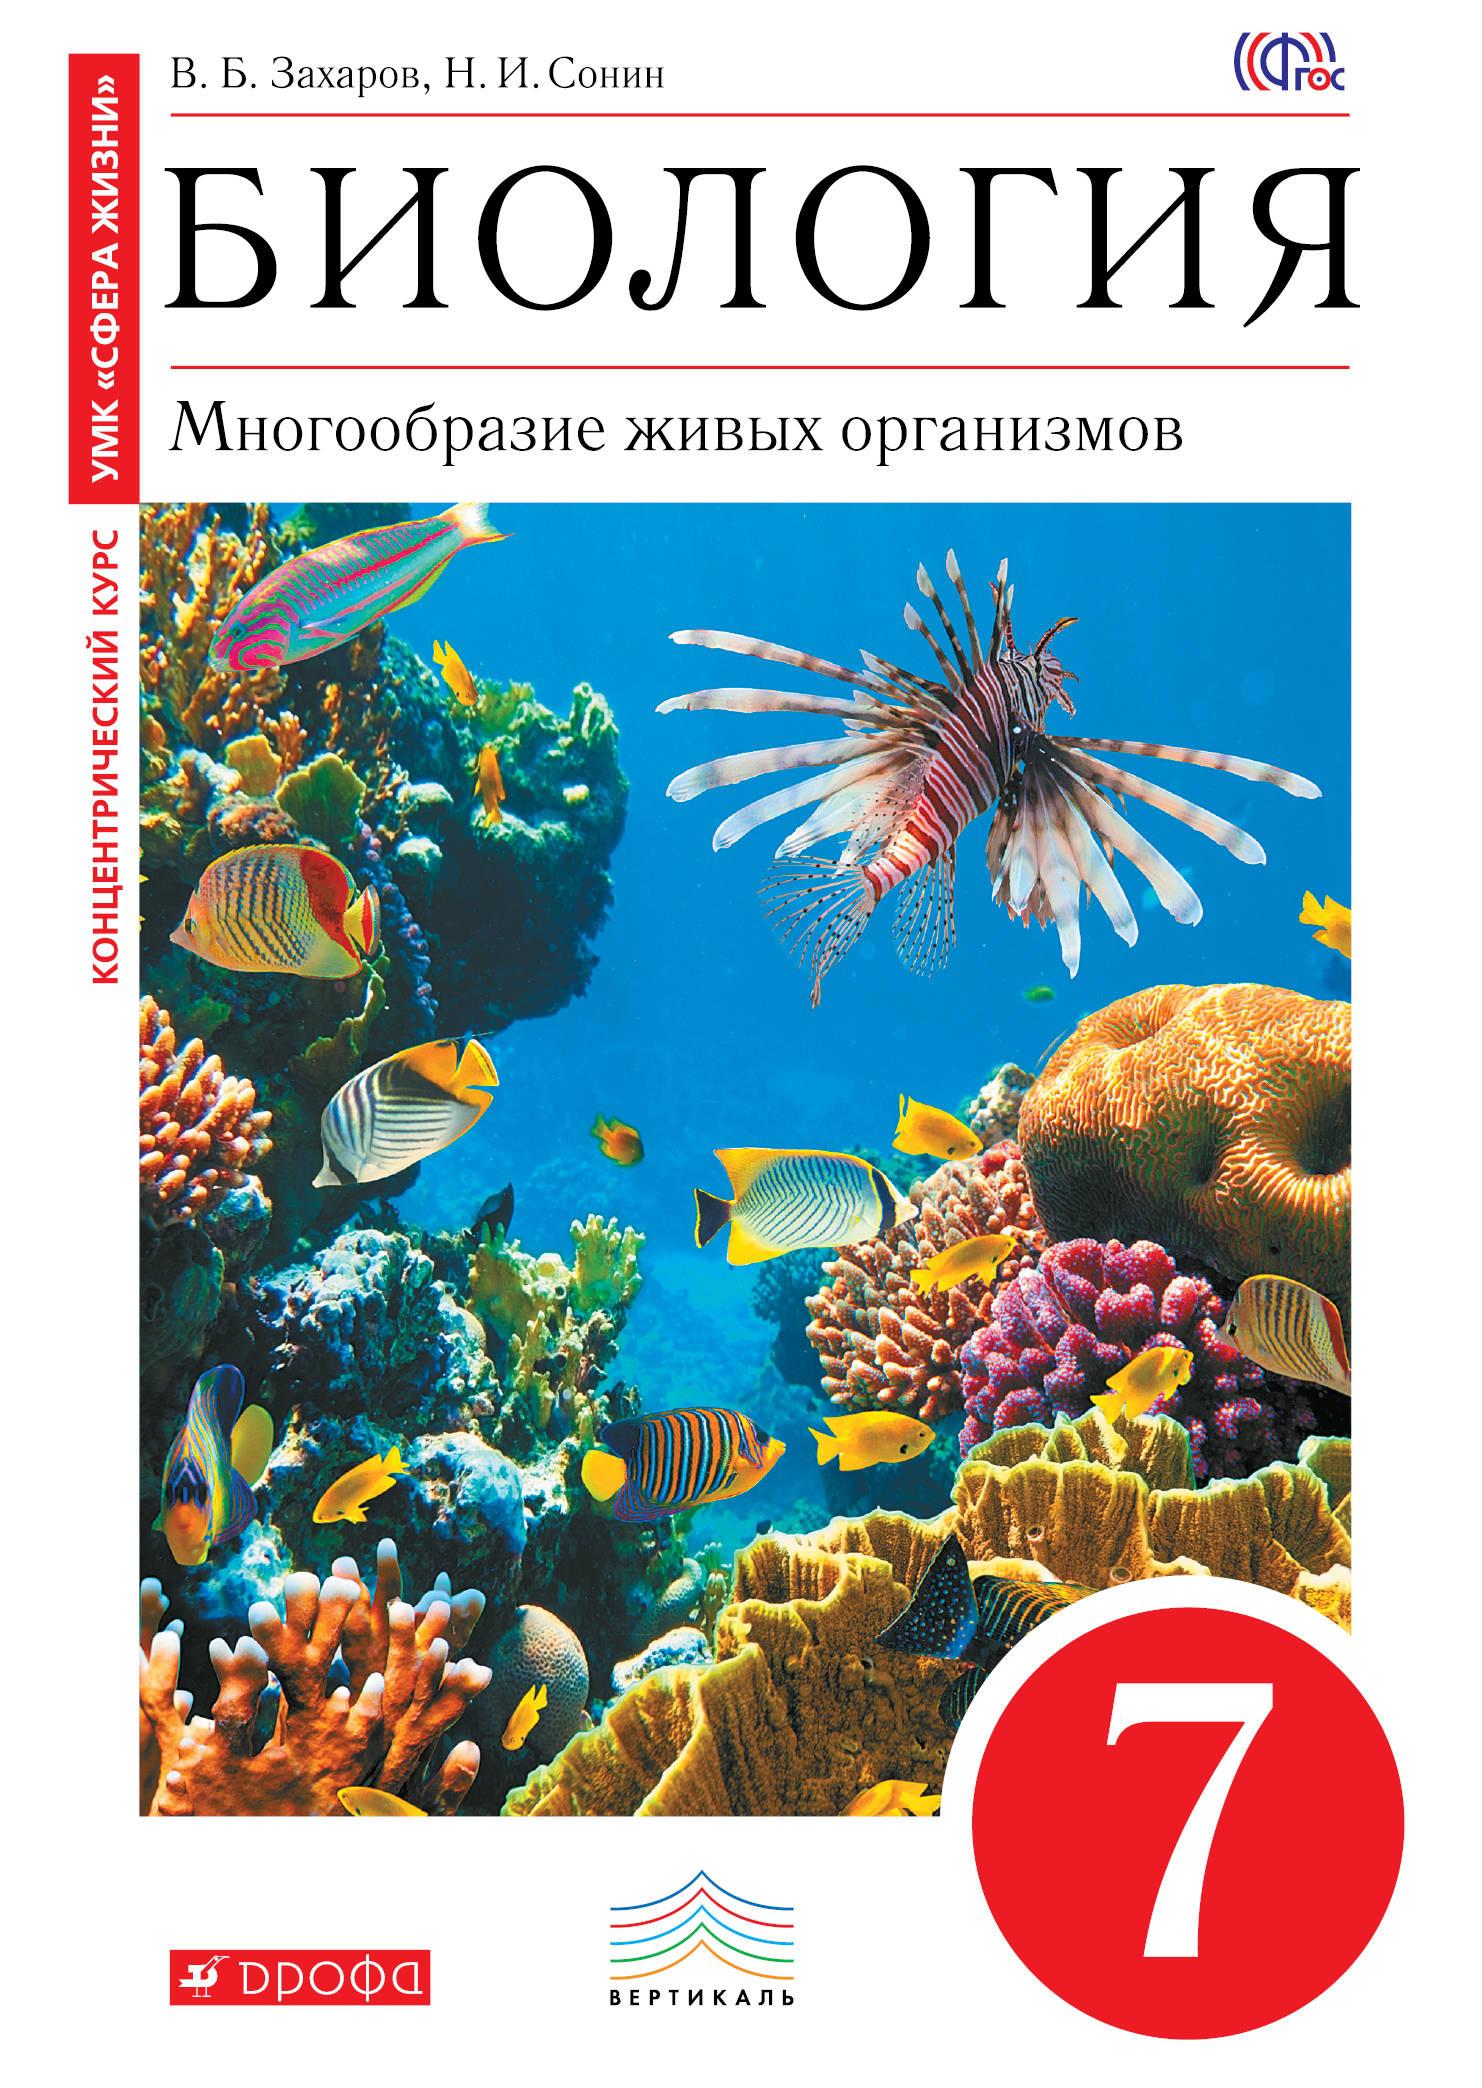 В. Б. Захаров, Н. И. Сонин Биология. Многообразие живых организмов. 7 класс. Учебник